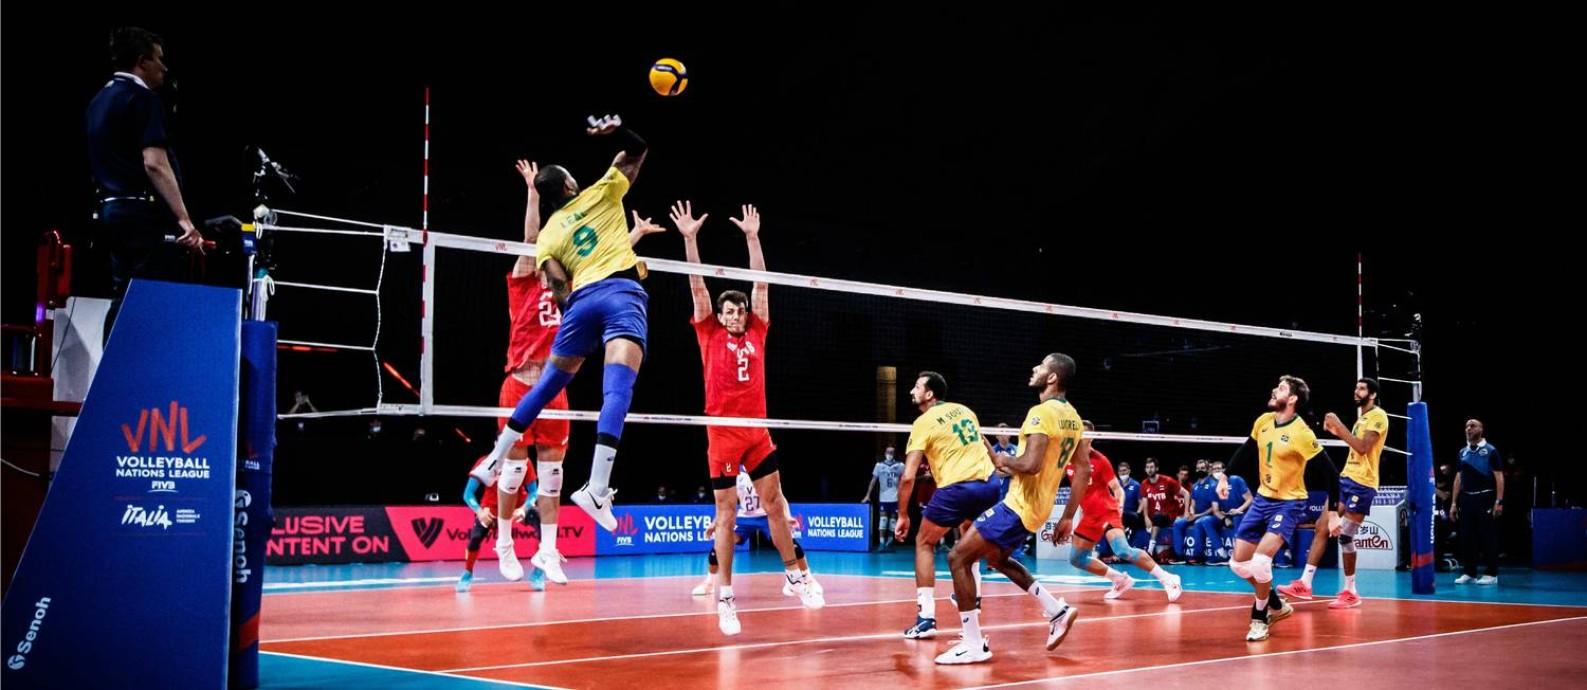 Liga das Nações é última competição antes dos Jogos de Tóquio Foto: Divulgação/Volleyball Nations League